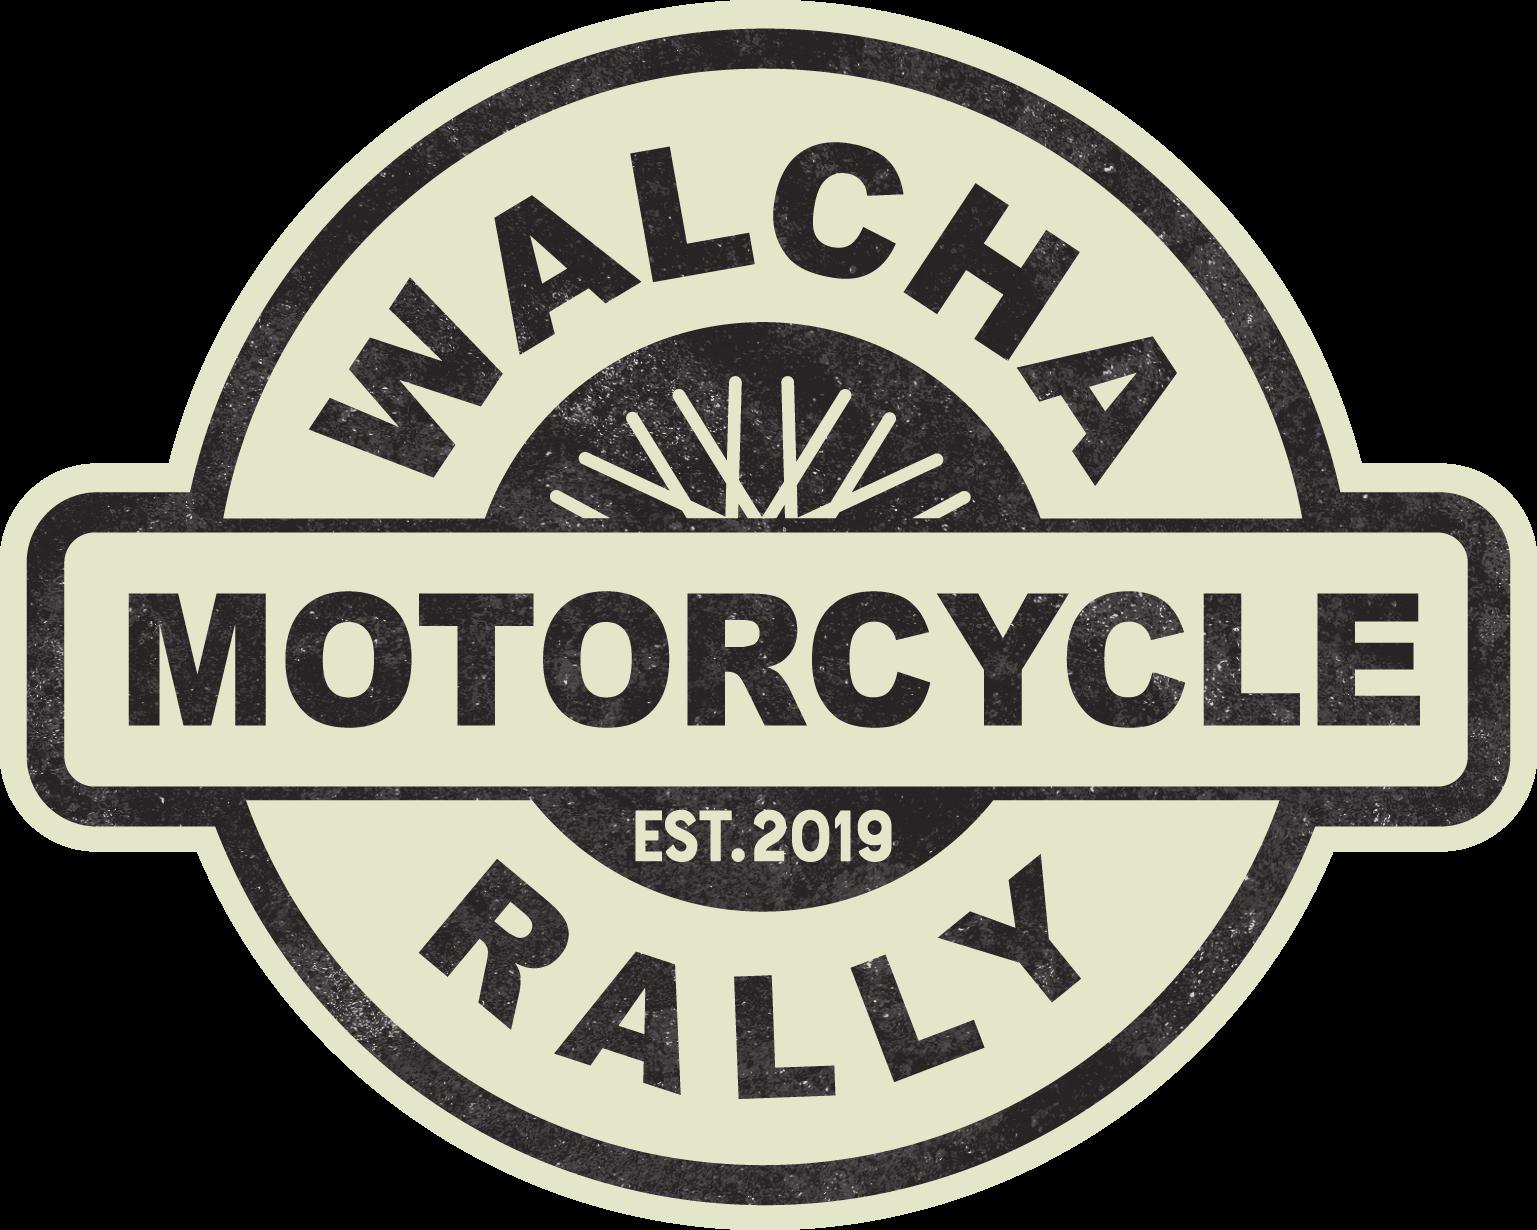 Walcha Motorcycle Rally